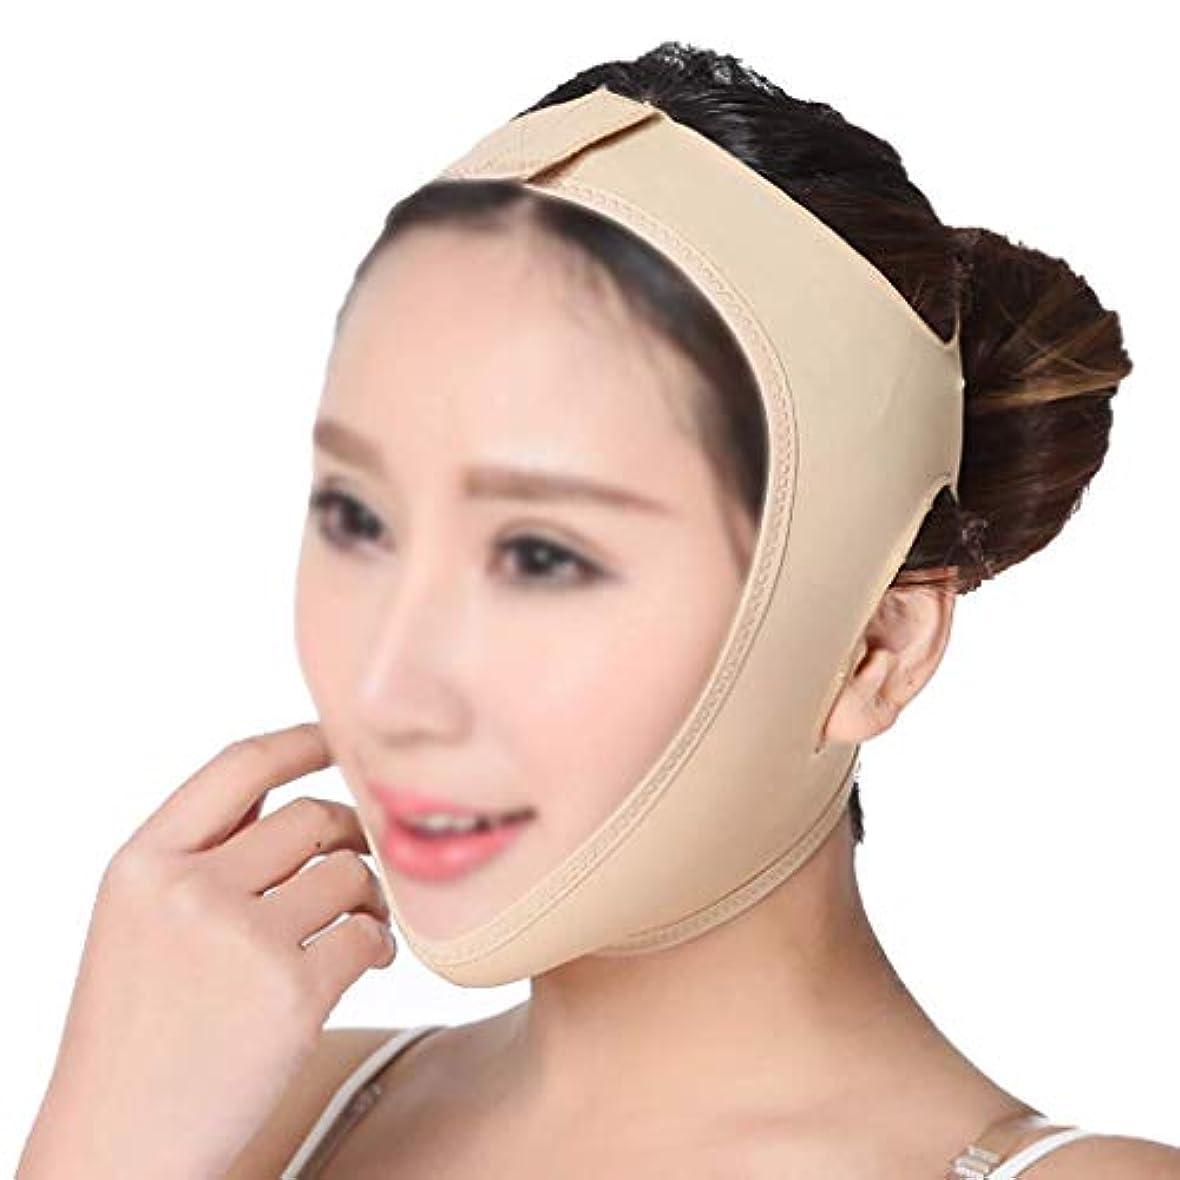 言い訳ふくろう拍手フェイスリフティングマスク、リフティングチン、フェイシャルスキン、頬垂れ防止、快適で 生地、詰まることを拒否、着用が簡単(サイズ:M),ザ?